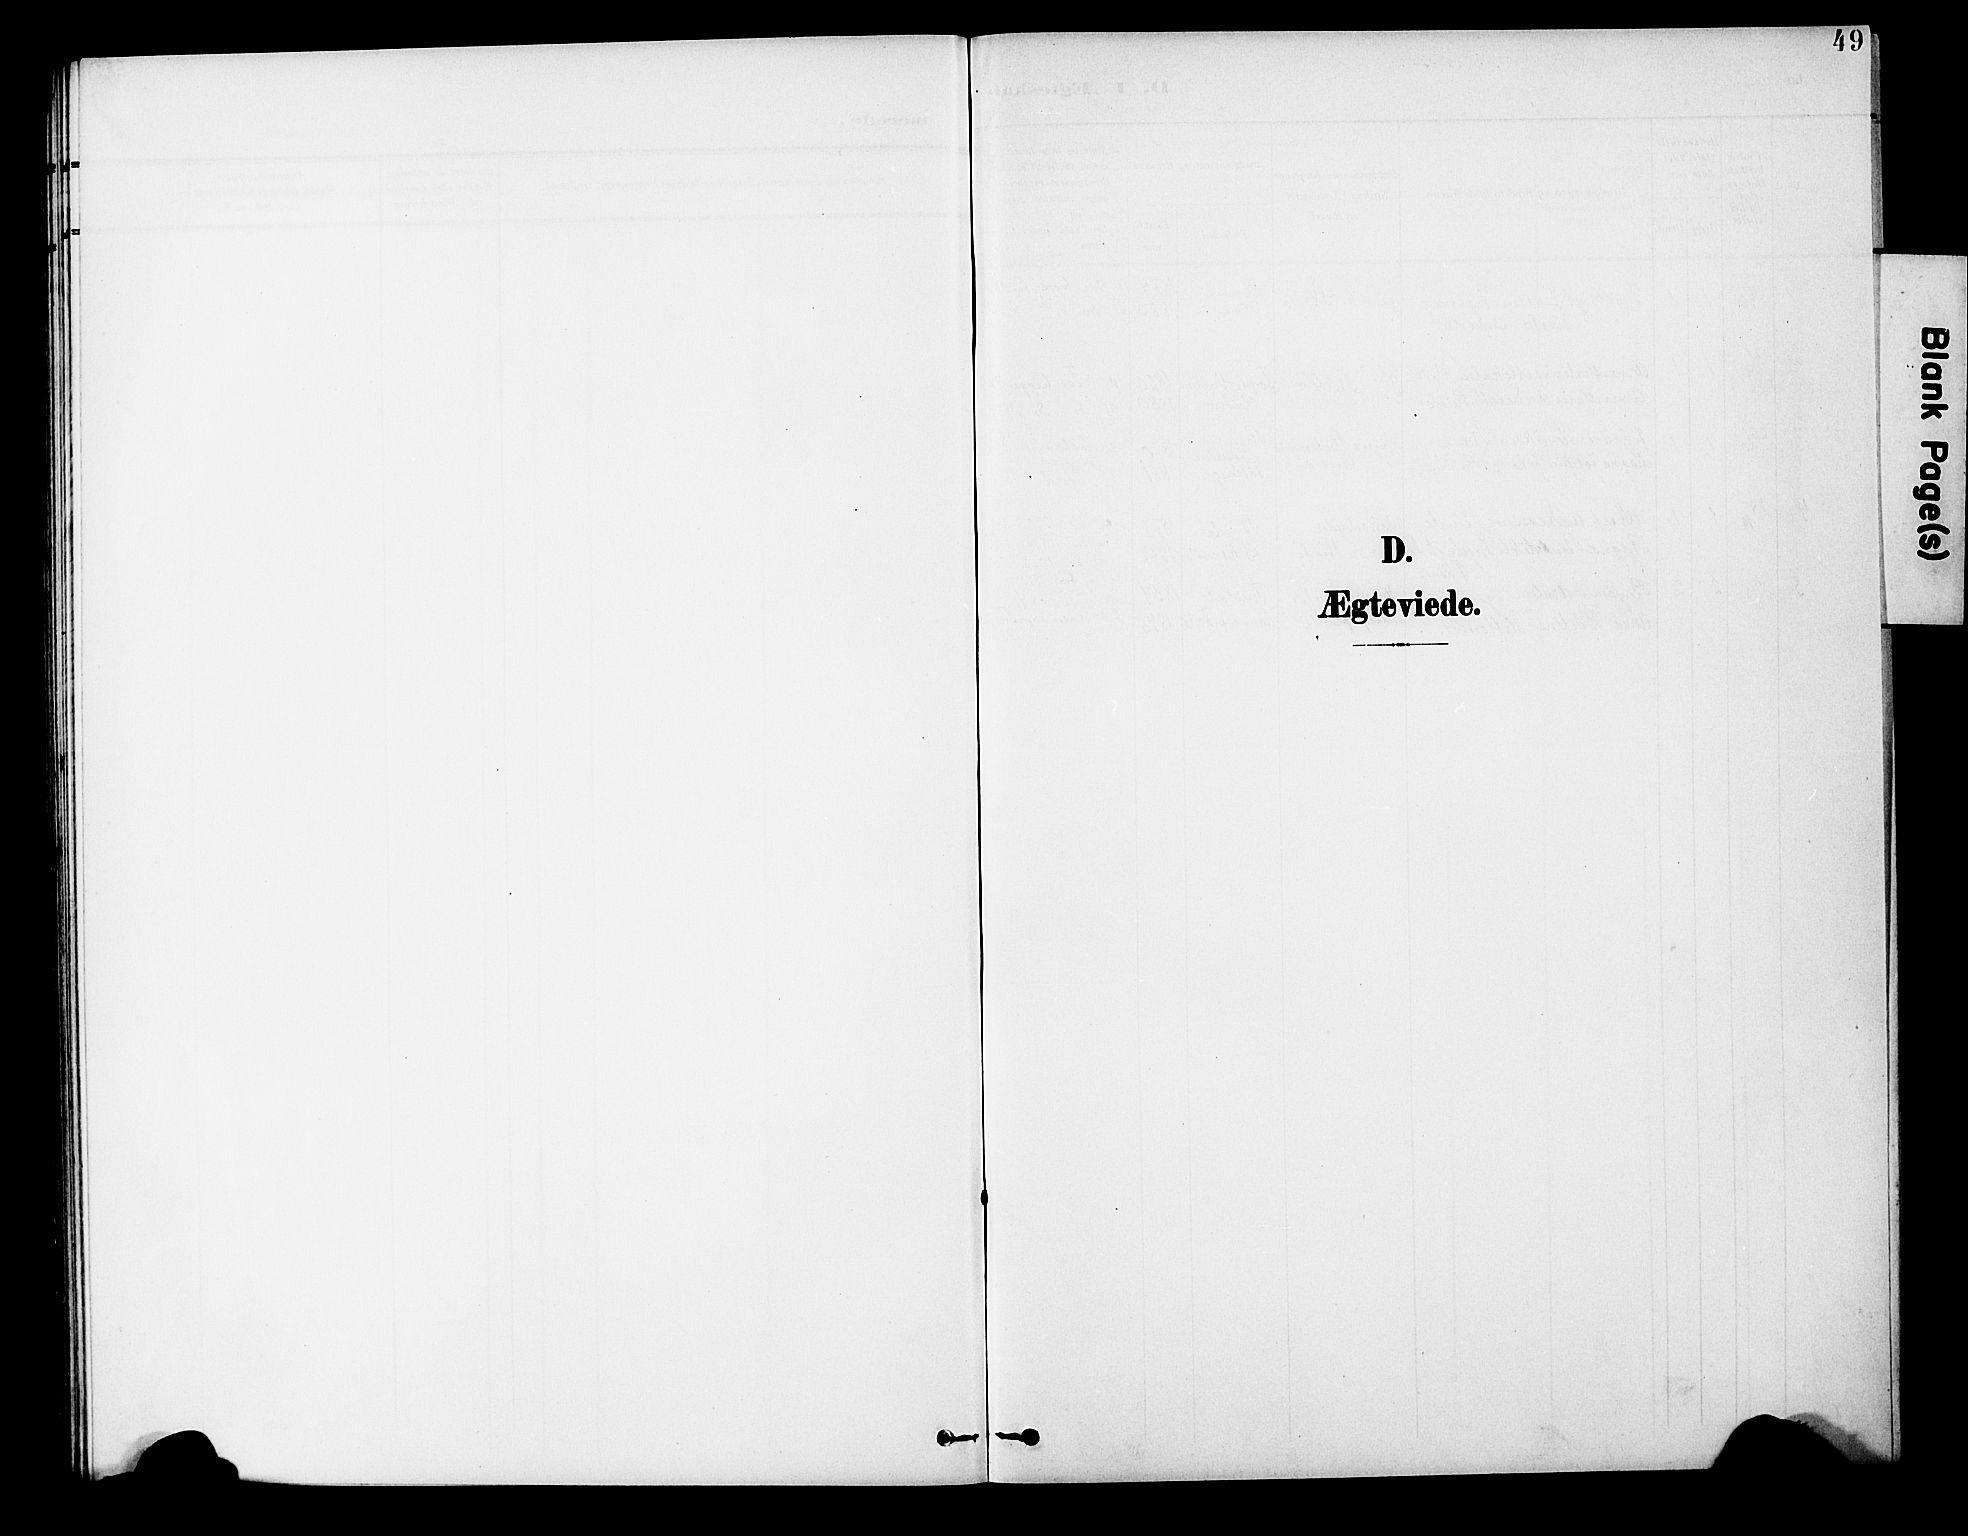 SAT, Ministerialprotokoller, klokkerbøker og fødselsregistre - Nord-Trøndelag, 746/L0452: Ministerialbok nr. 746A09, 1900-1908, s. 49